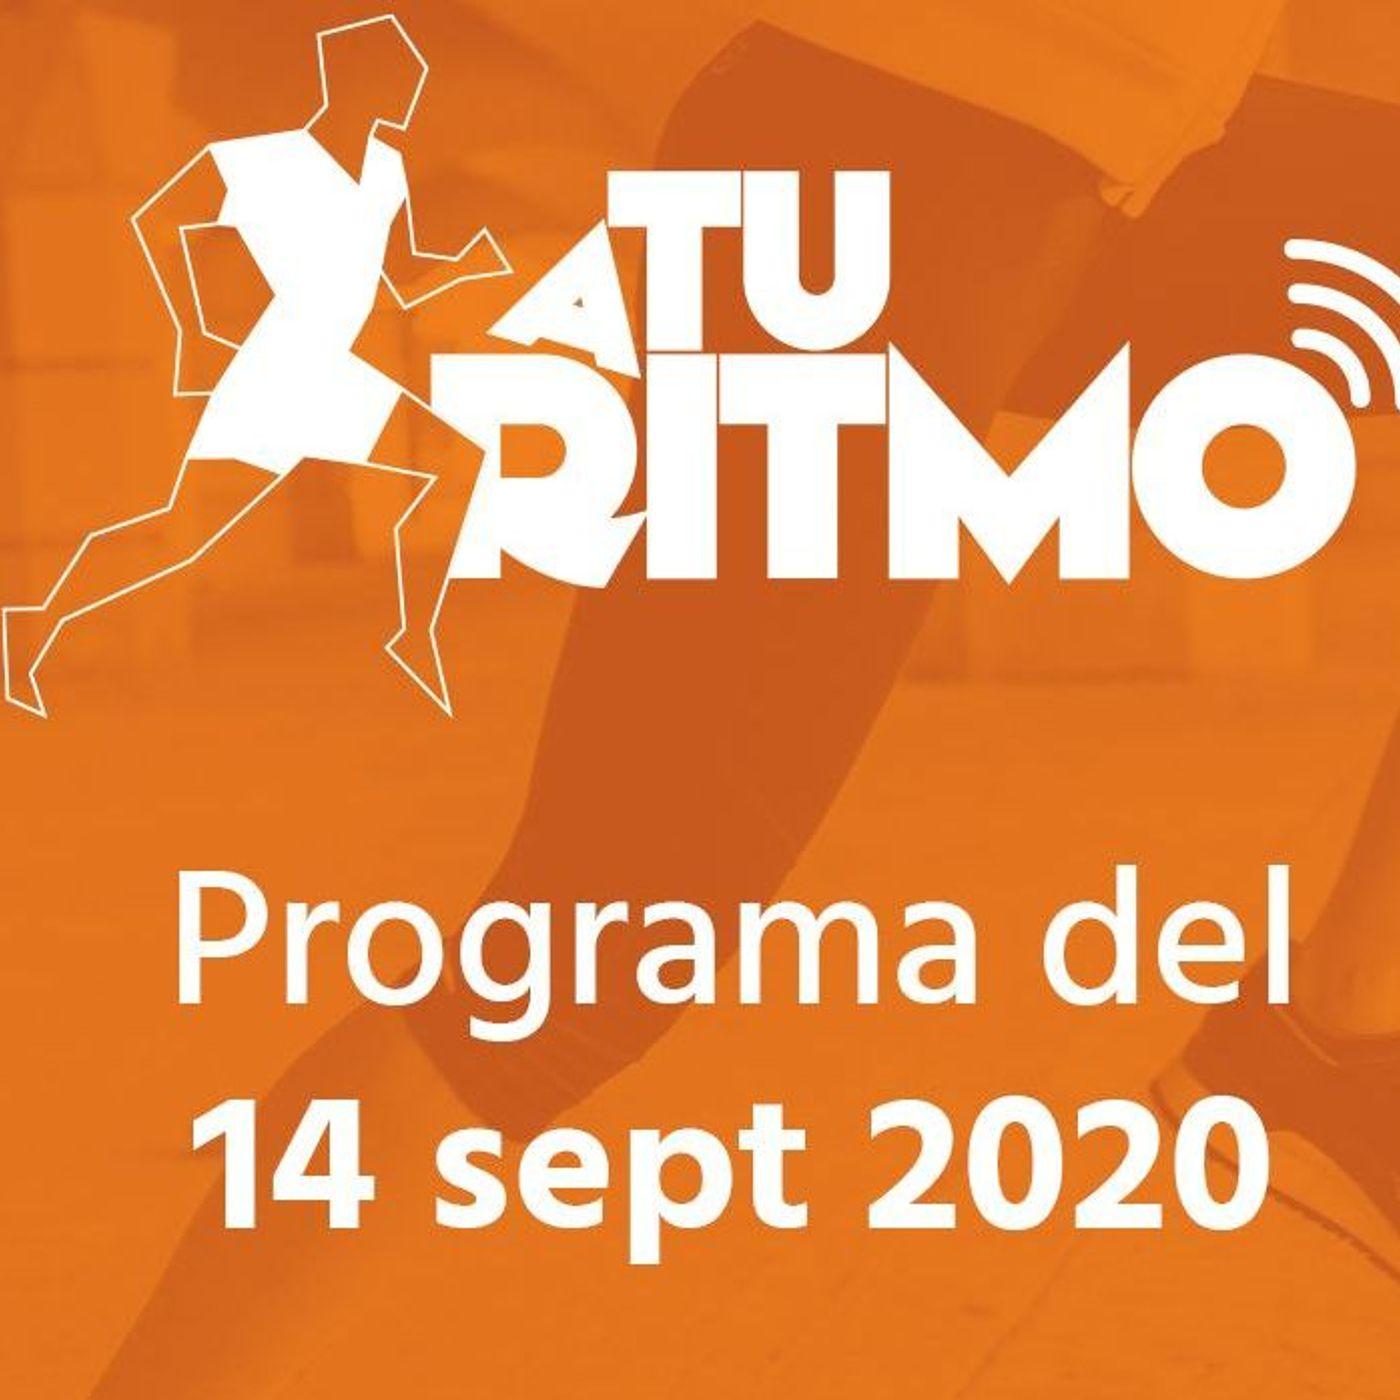 ATR 10x03 - Running y sistema inmune, Maratón Valencia 2020 y Campeonato de España de Atletismo